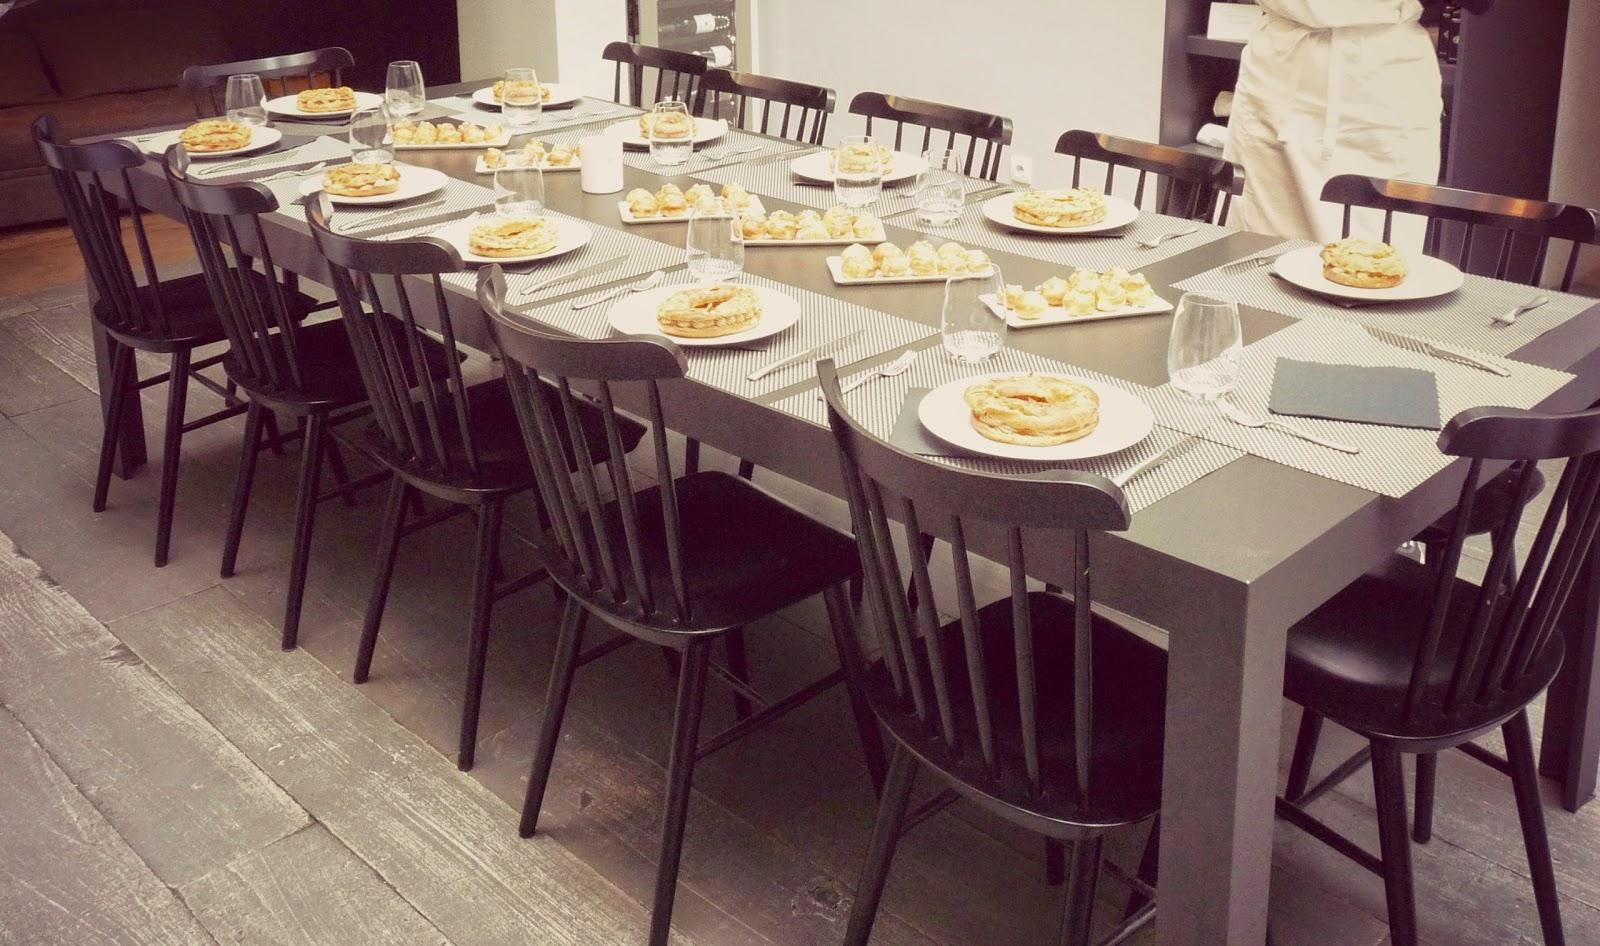 Cuisine attitude by cyril lignac r cit d 39 un cours aurelie cuisine - Cours de cuisine cyrille lignac ...